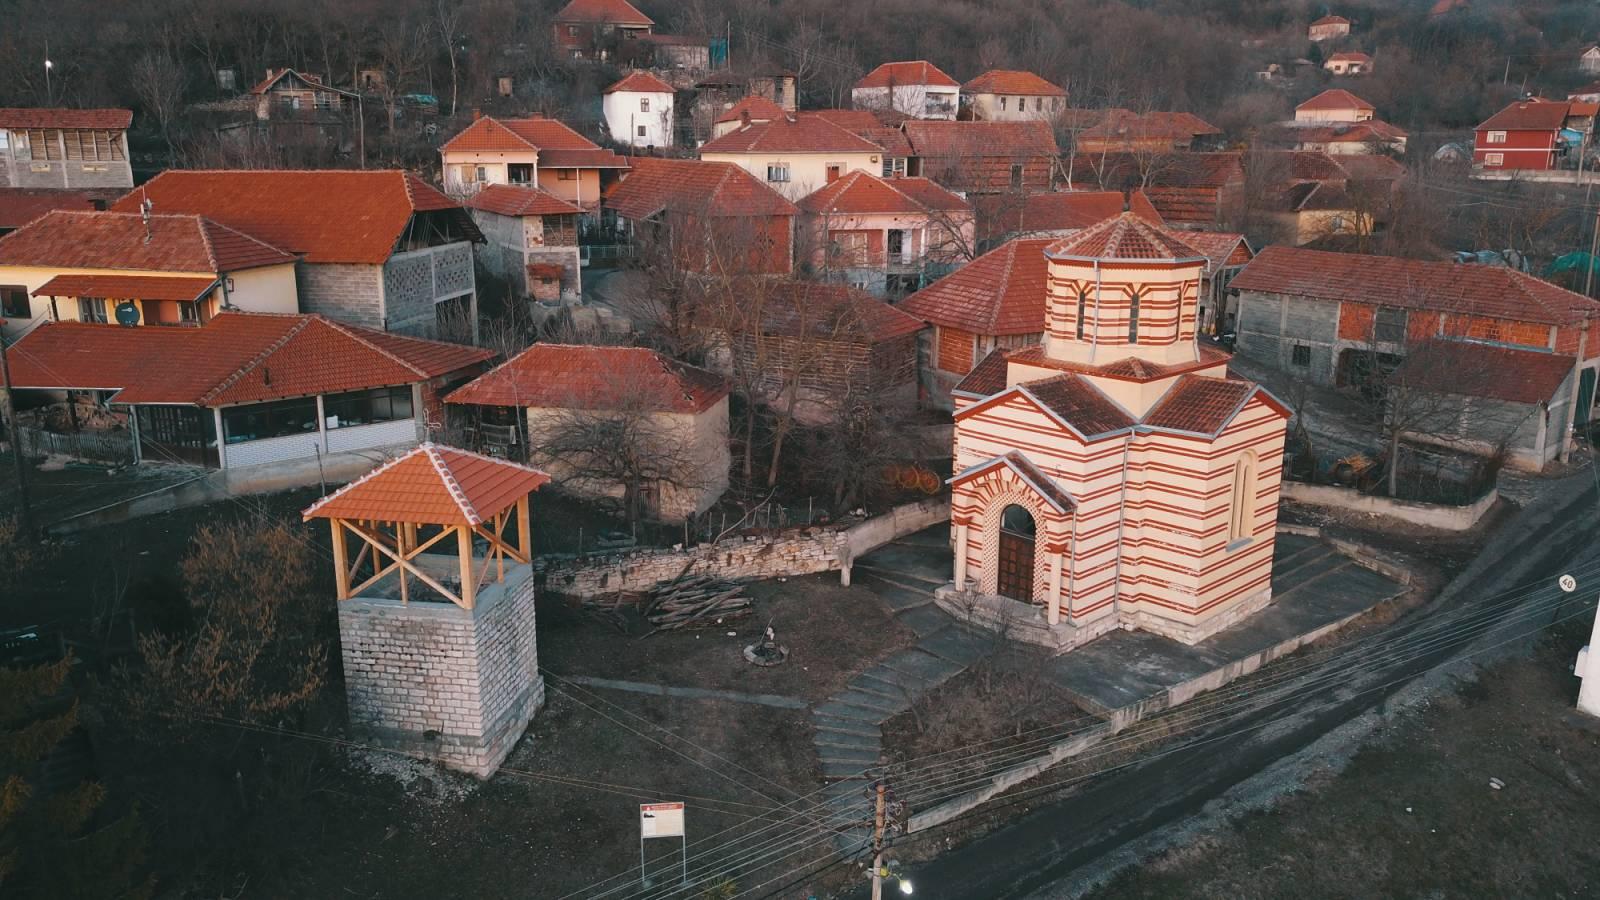 crkva drajinac